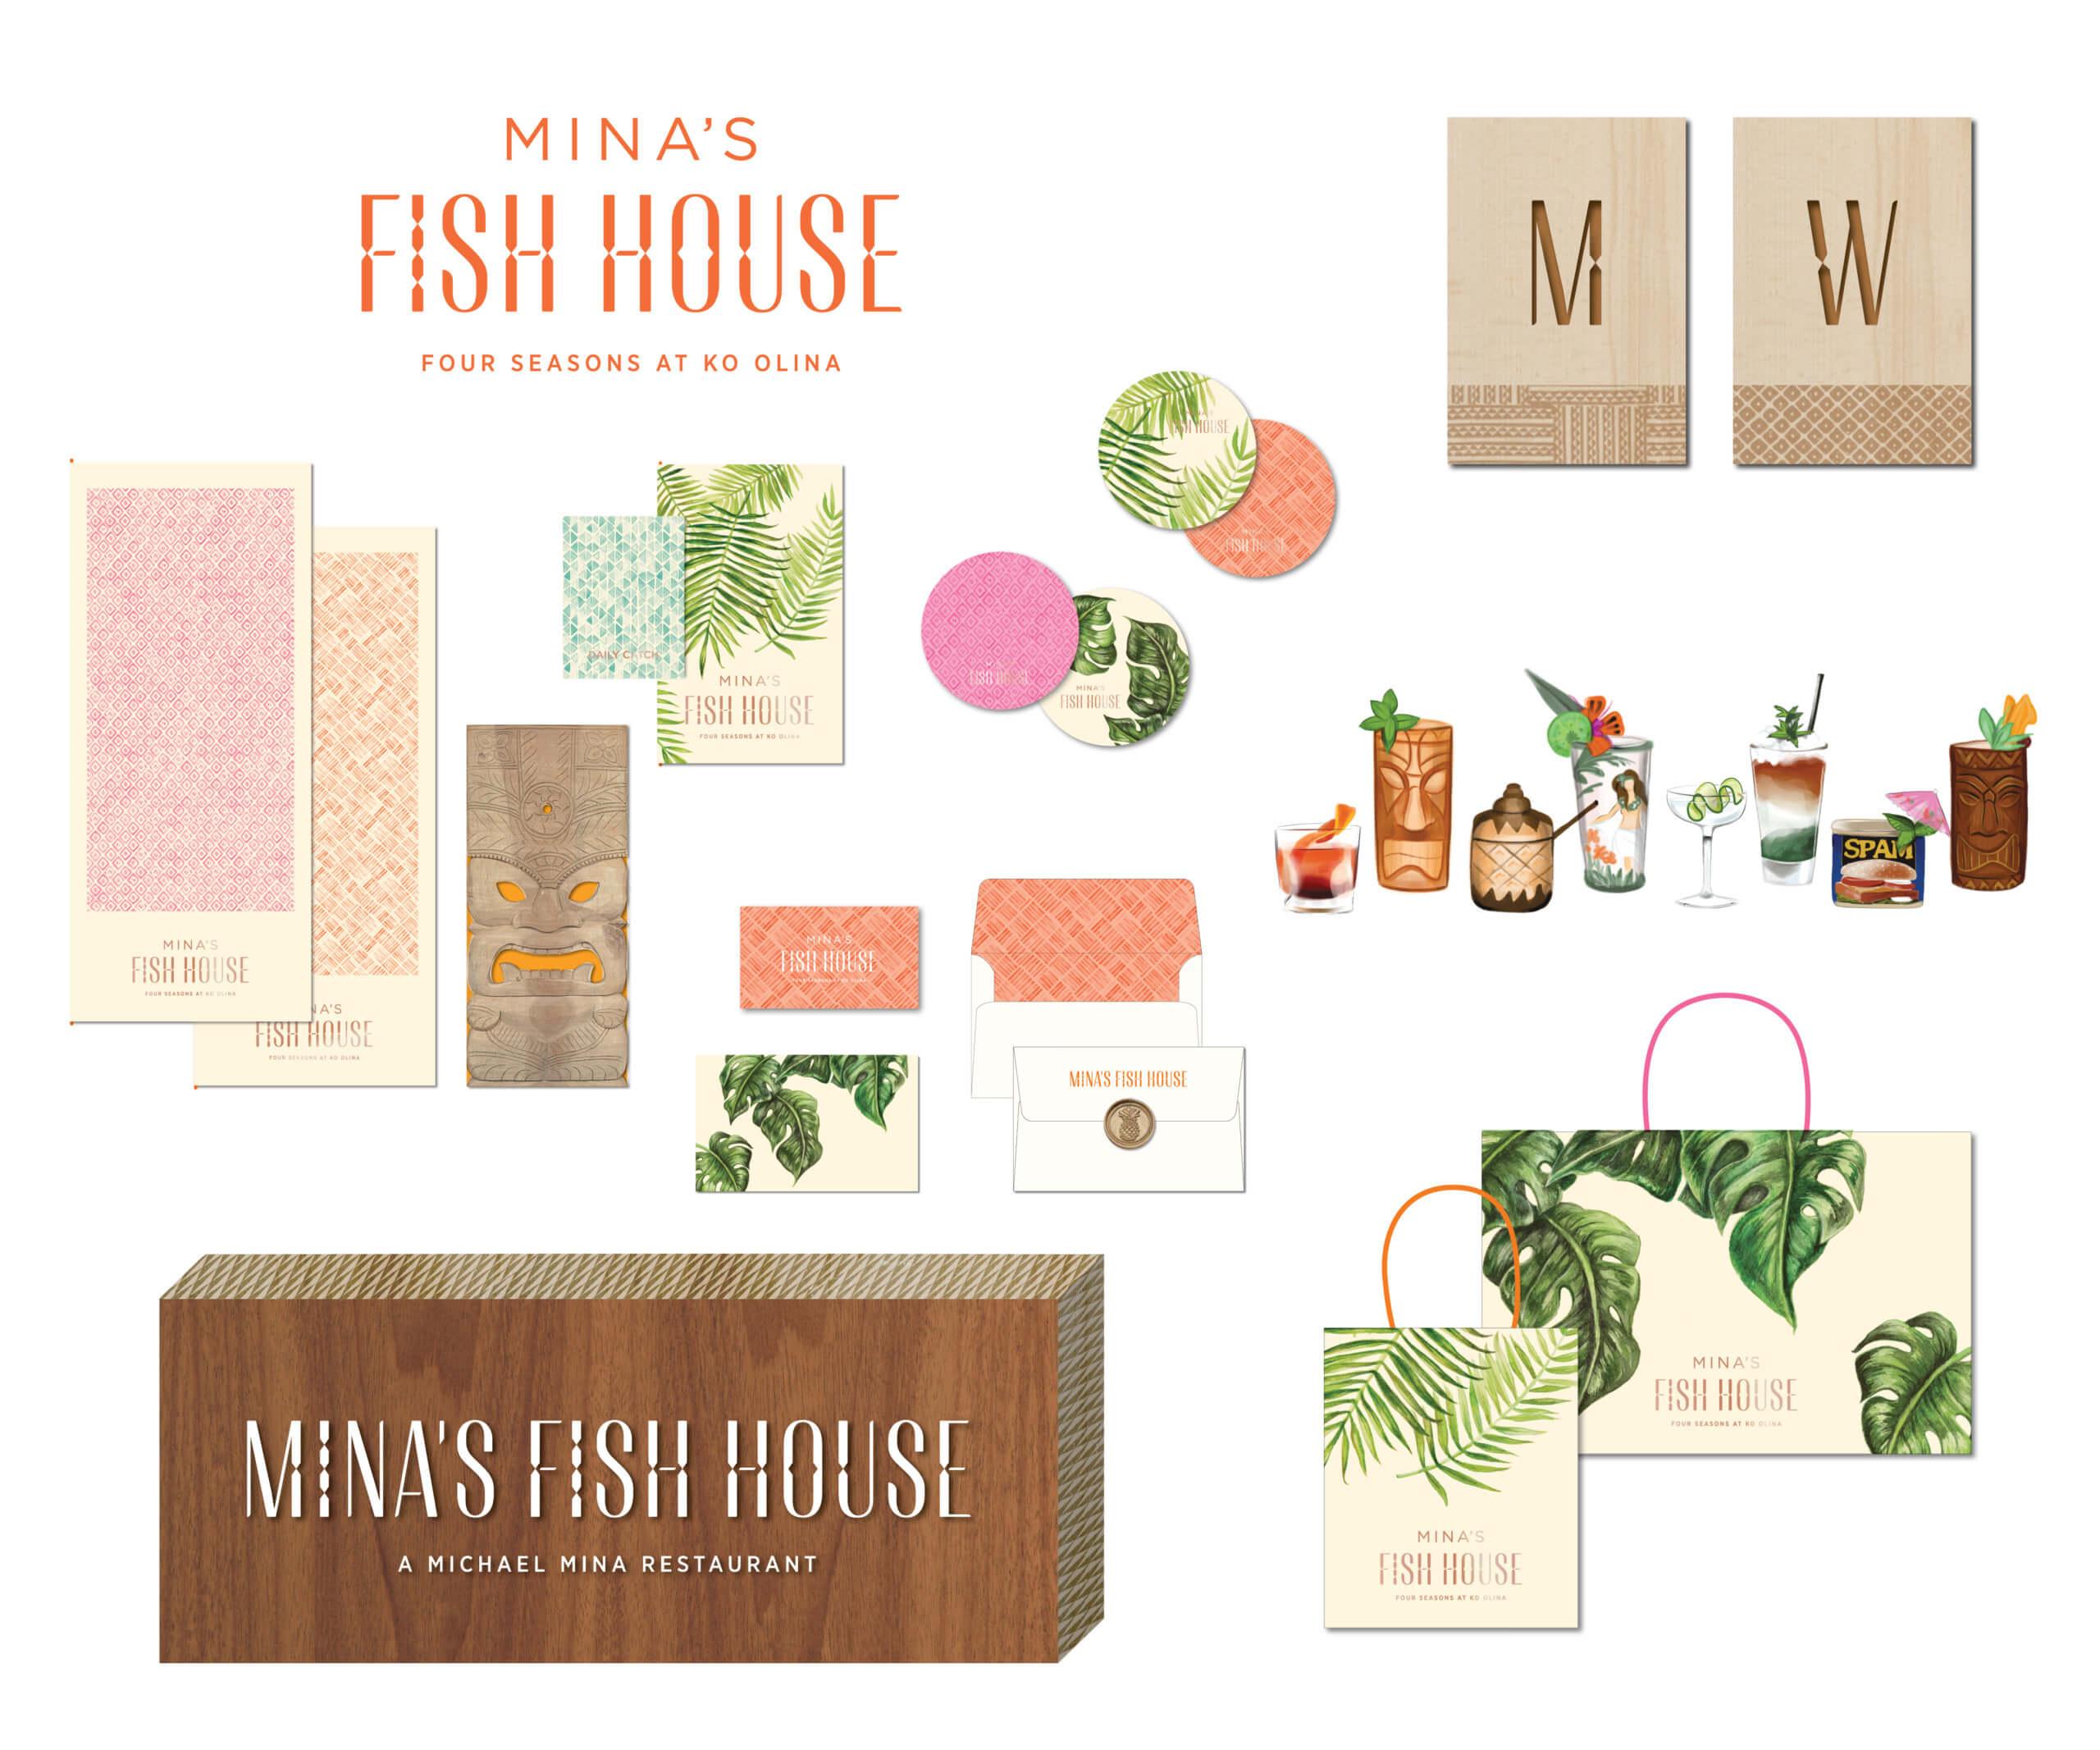 Mina Fish House print signage illustration